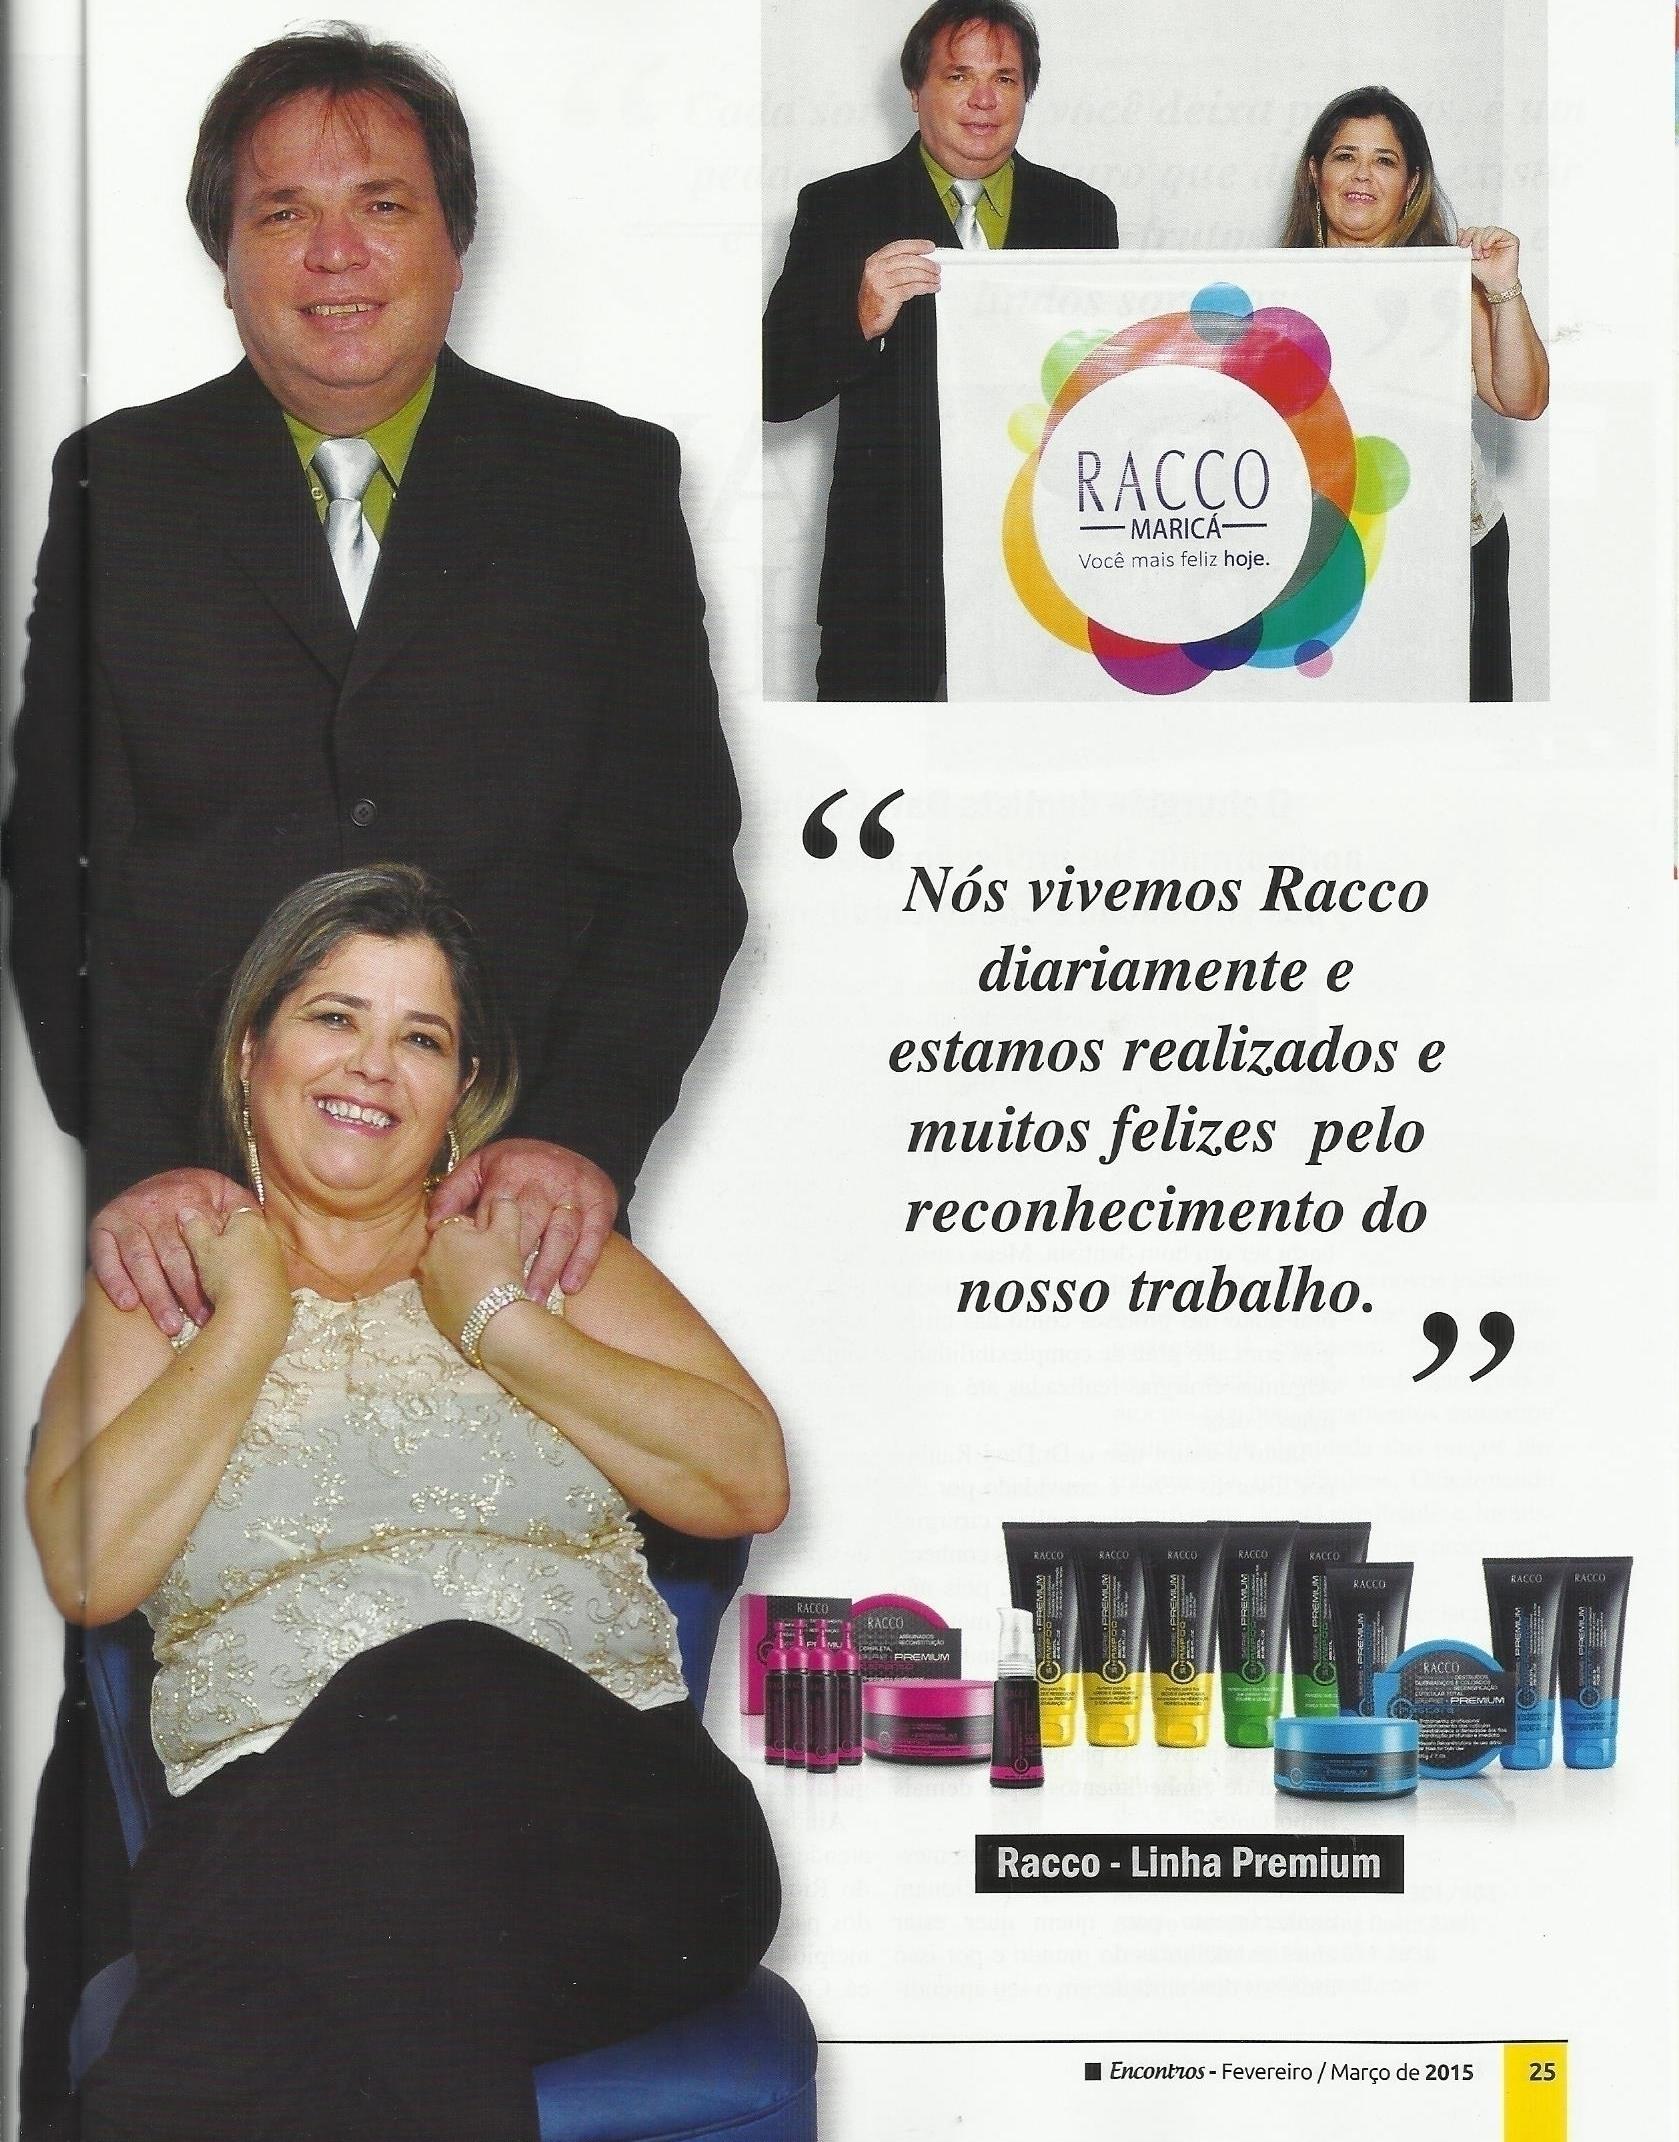 Trabalho mídia Trabalho de maquiagem na Revista Encontros de Maricá. maquiador(a) docente / professor(a) designer de sobrancelhas manicure e pedicure esteticista